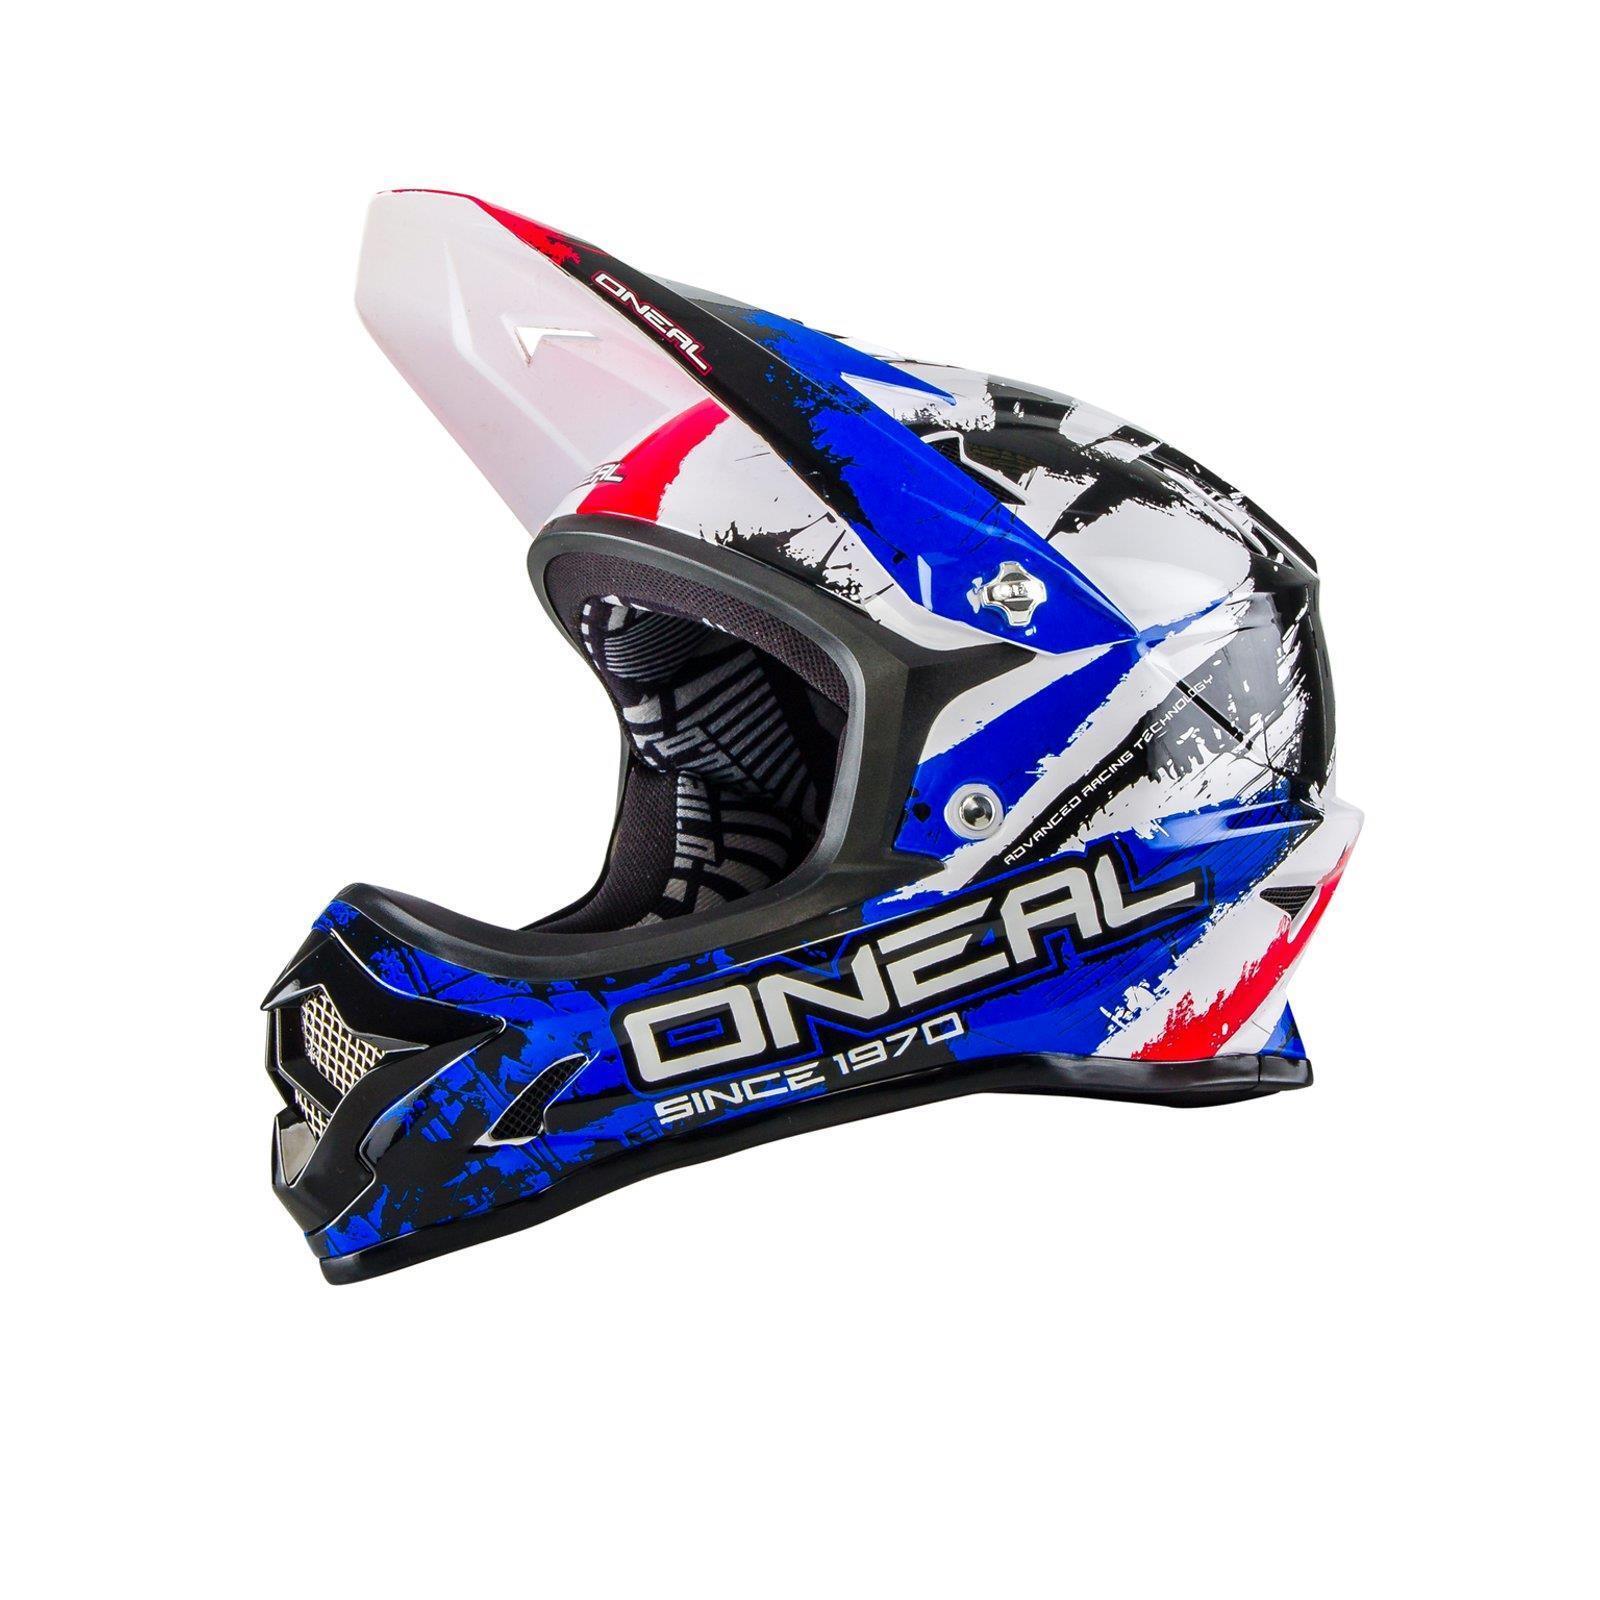 ONeal backflip DH casco RL2 SHOCKER rojo azul Fullface MTB descenso BTT